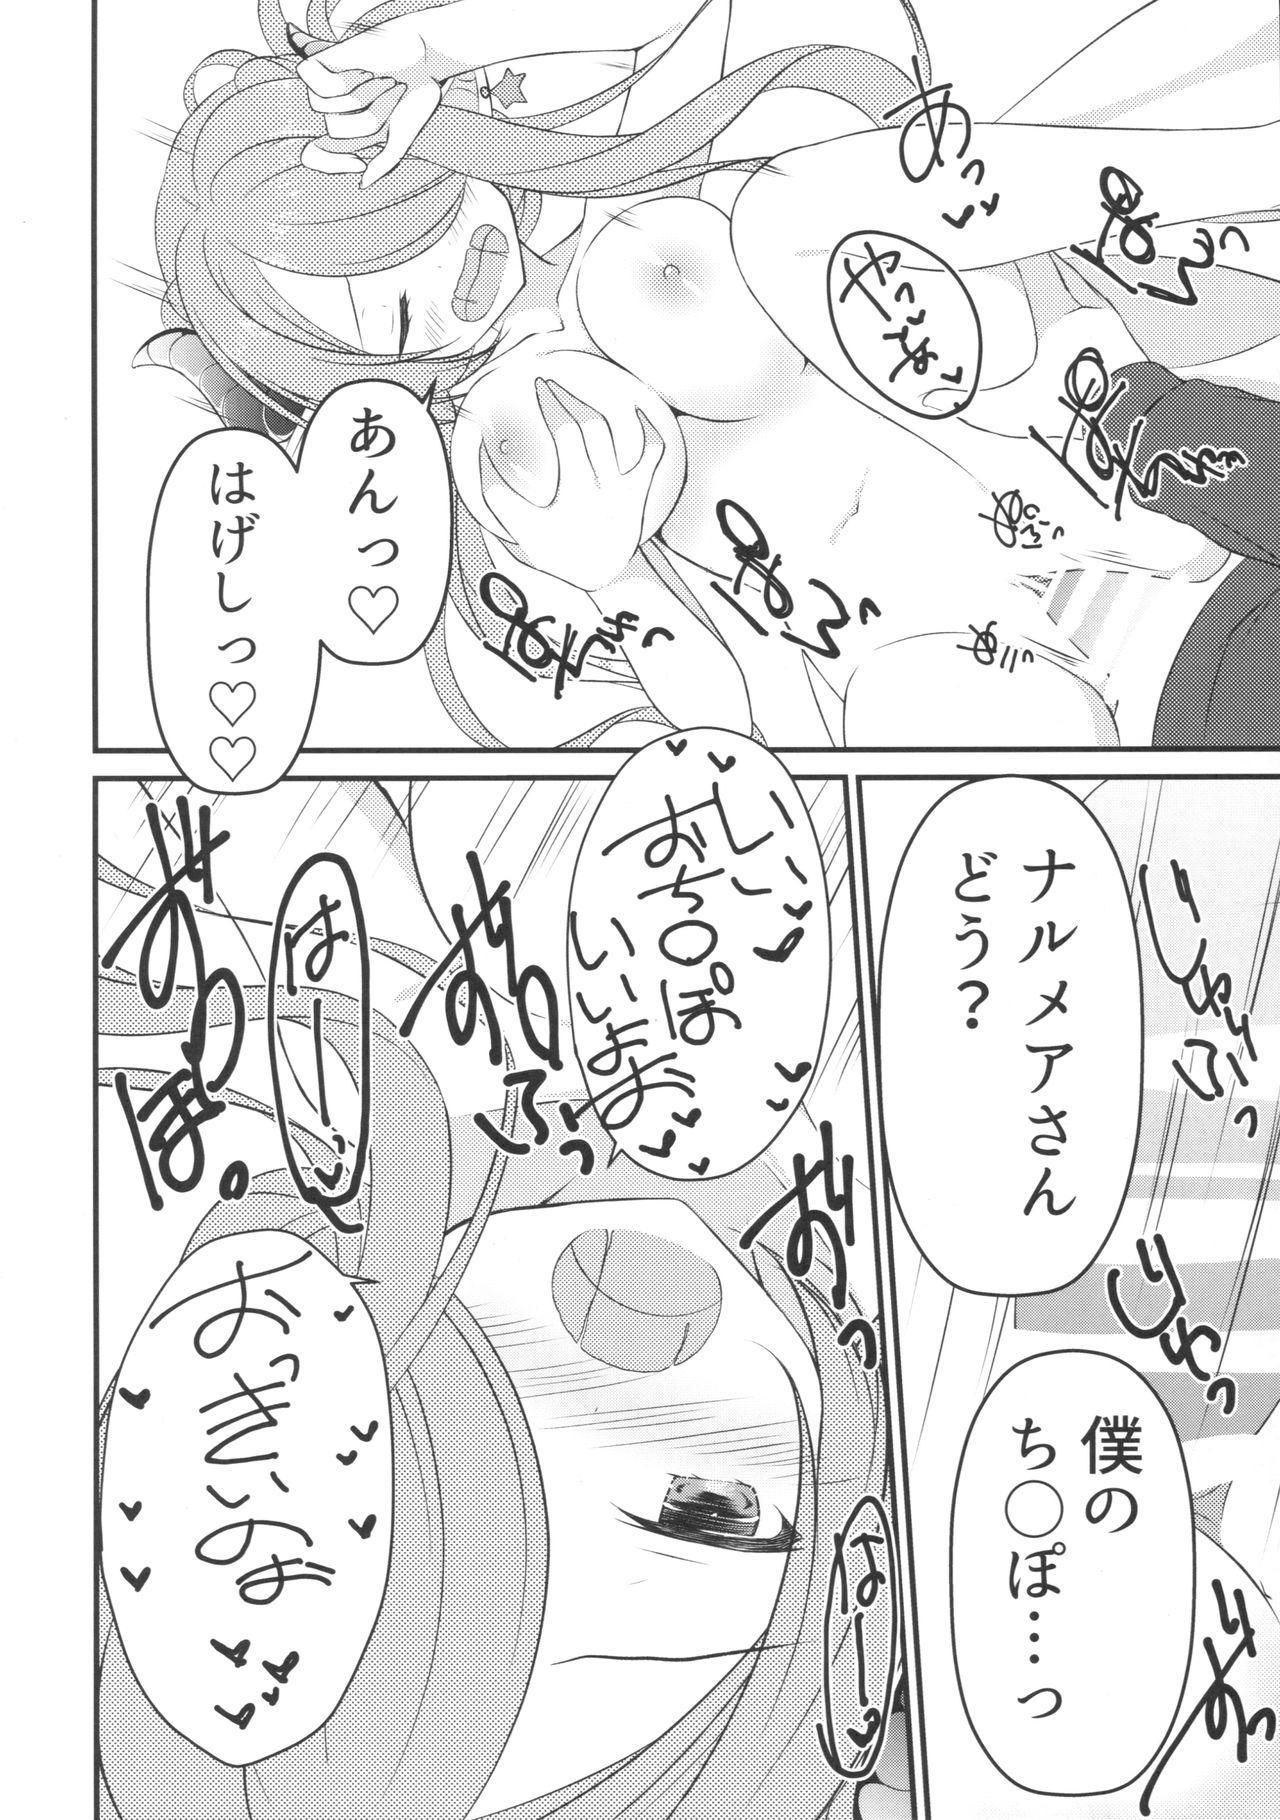 Oira no Inai Toko de Nani Shitenda?! 6